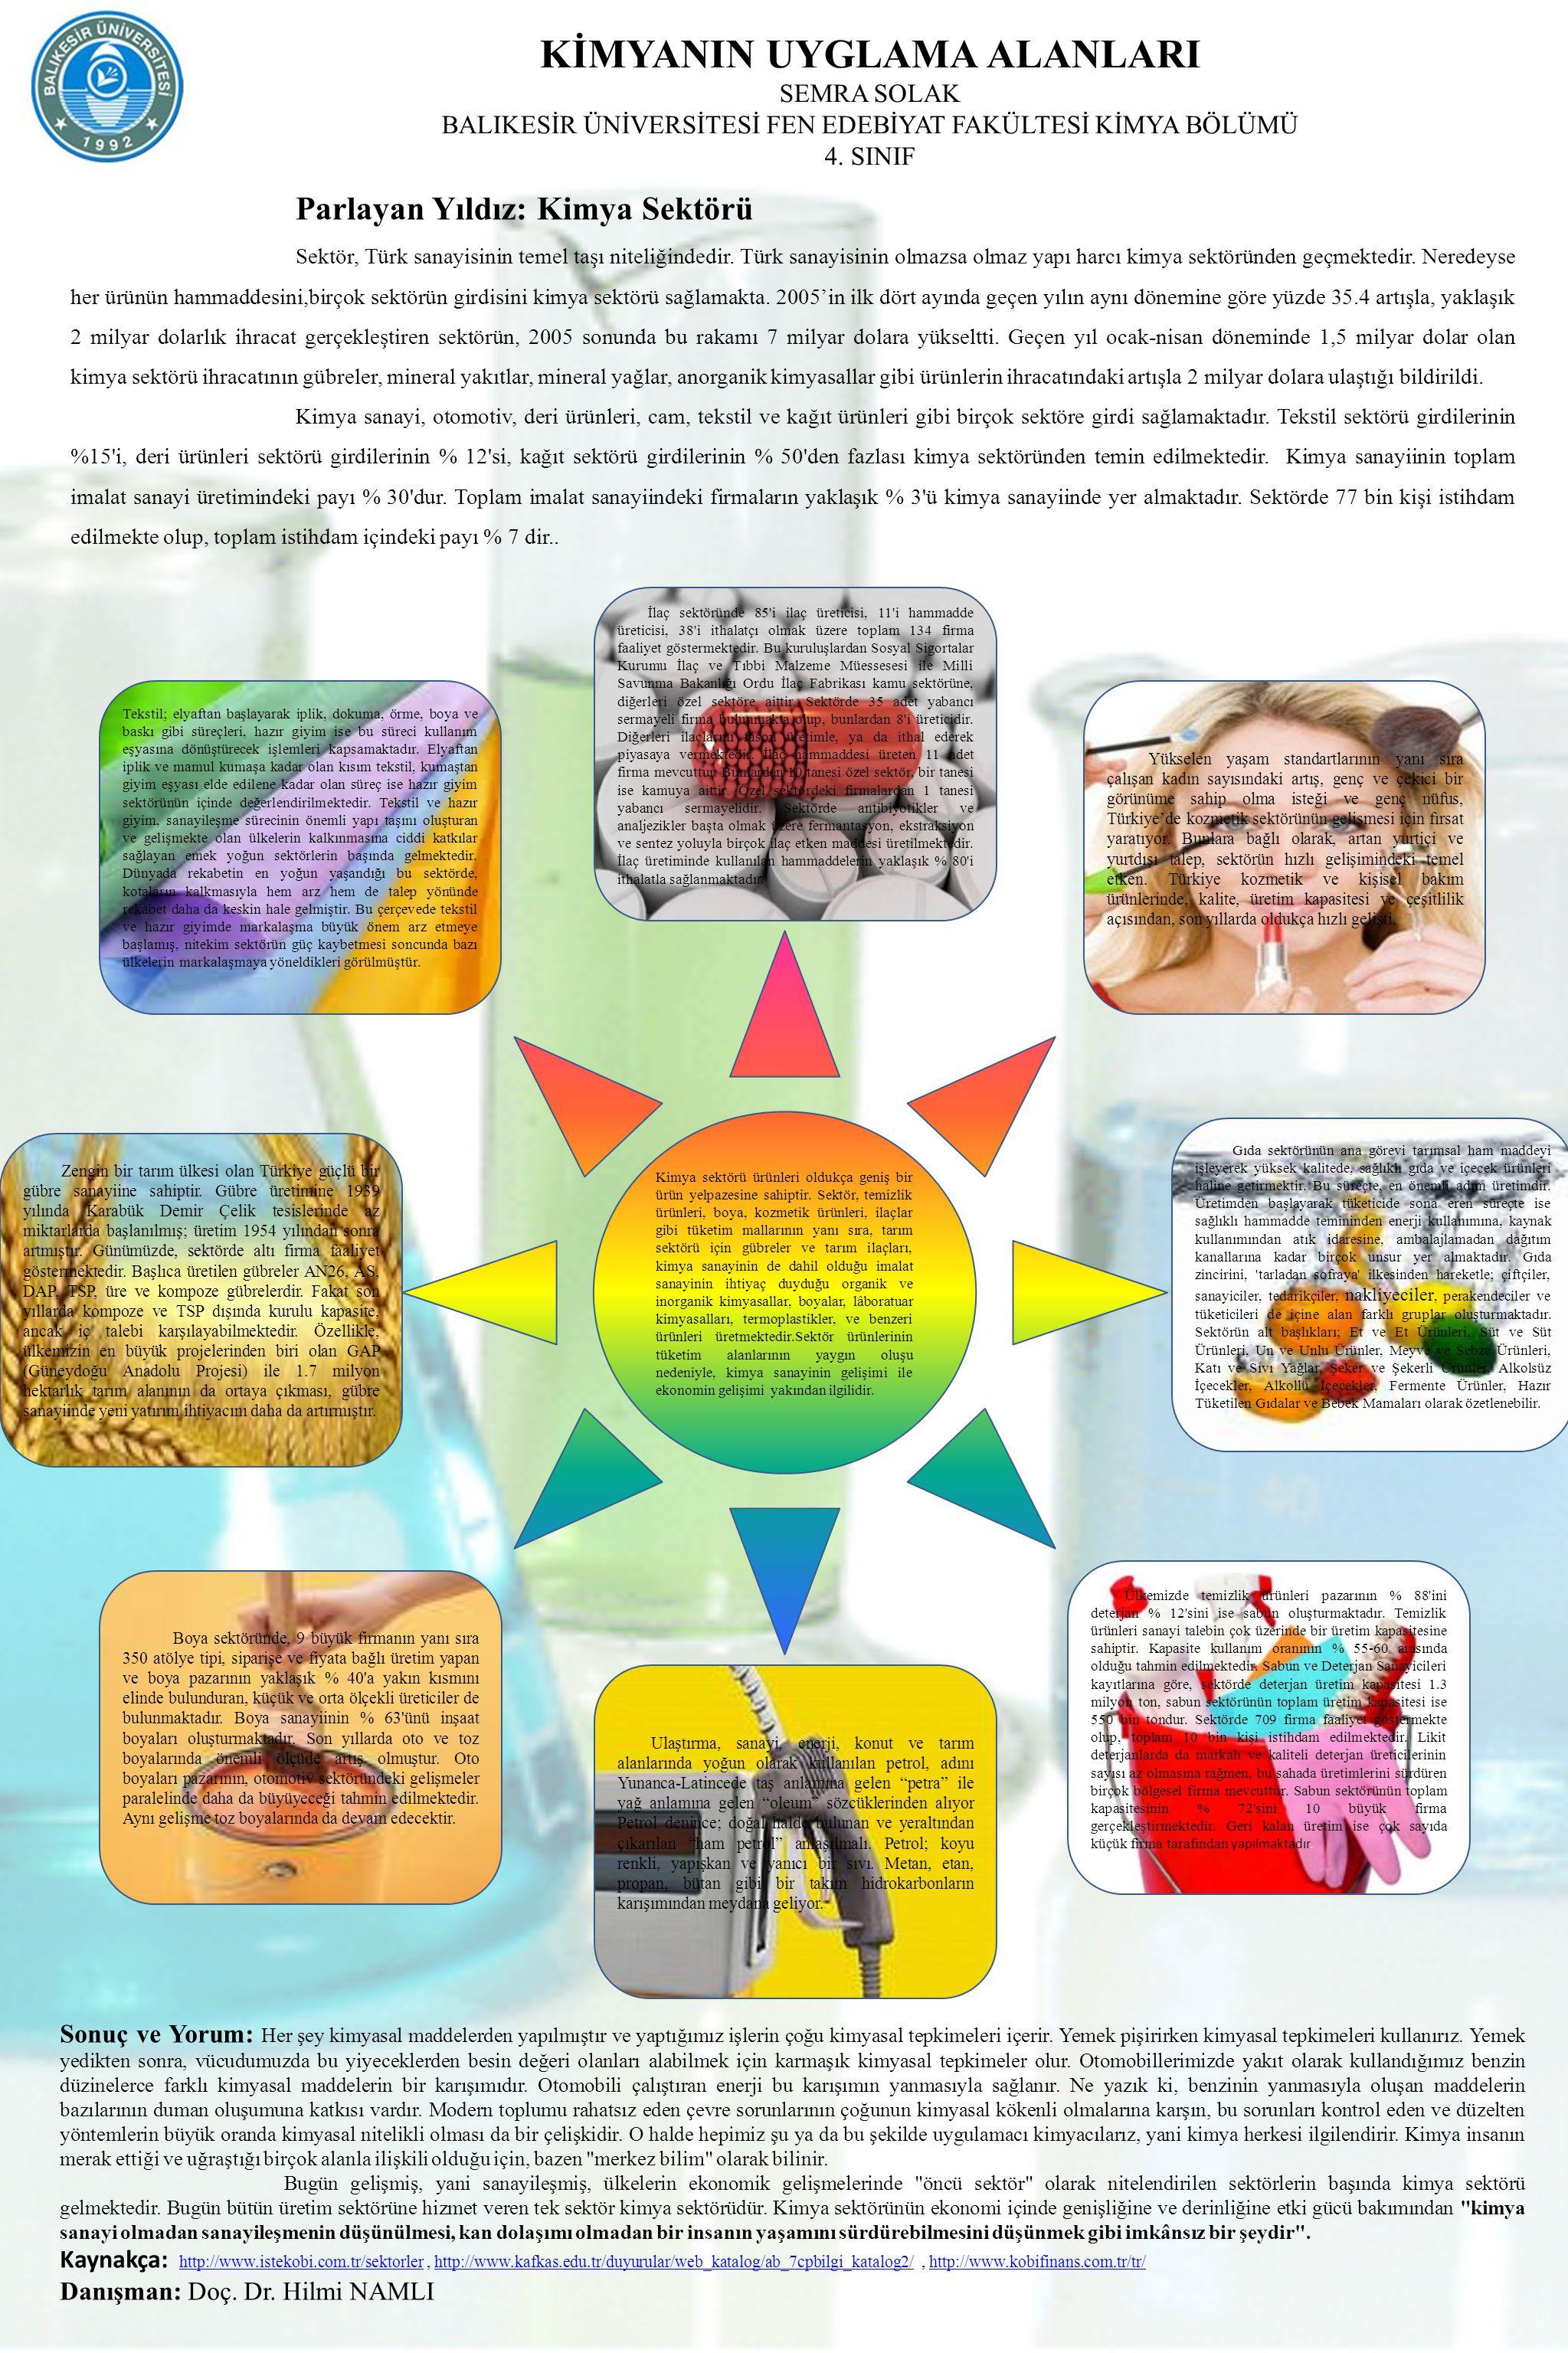 Kimya sektörü ürünleri oldukça geniş bir ürün yelpazesine sahiptir.